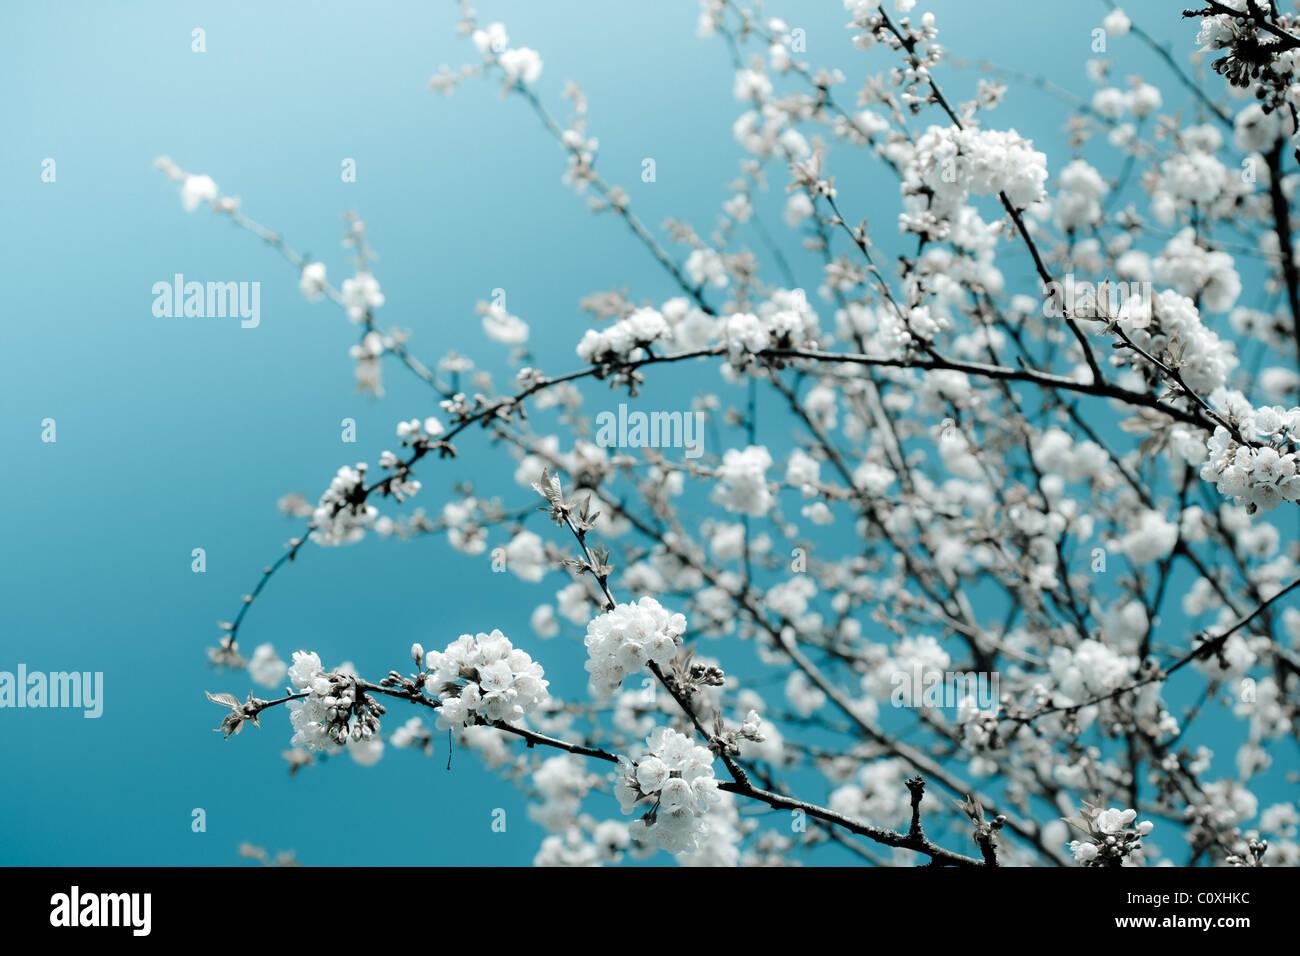 Bouquets de fleurs de cerisier blanc contre un ciel bleu vif. Arrière-plan de la nature. Photo Stock